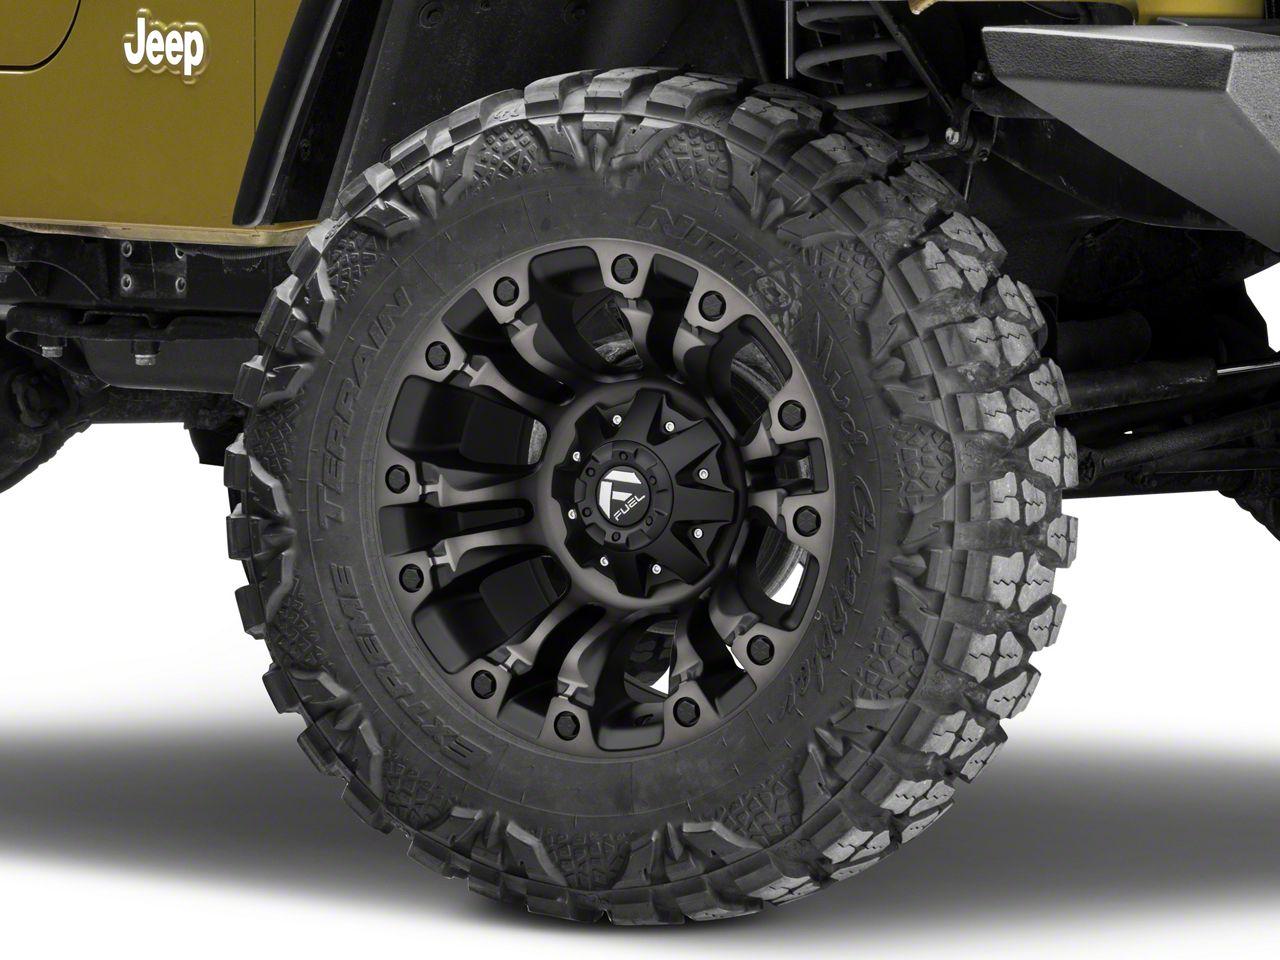 Fuel Wheels Vapor Matte Black Machined Wheel - 18x9 (87-06 Jeep Wrangler YJ & TJ)